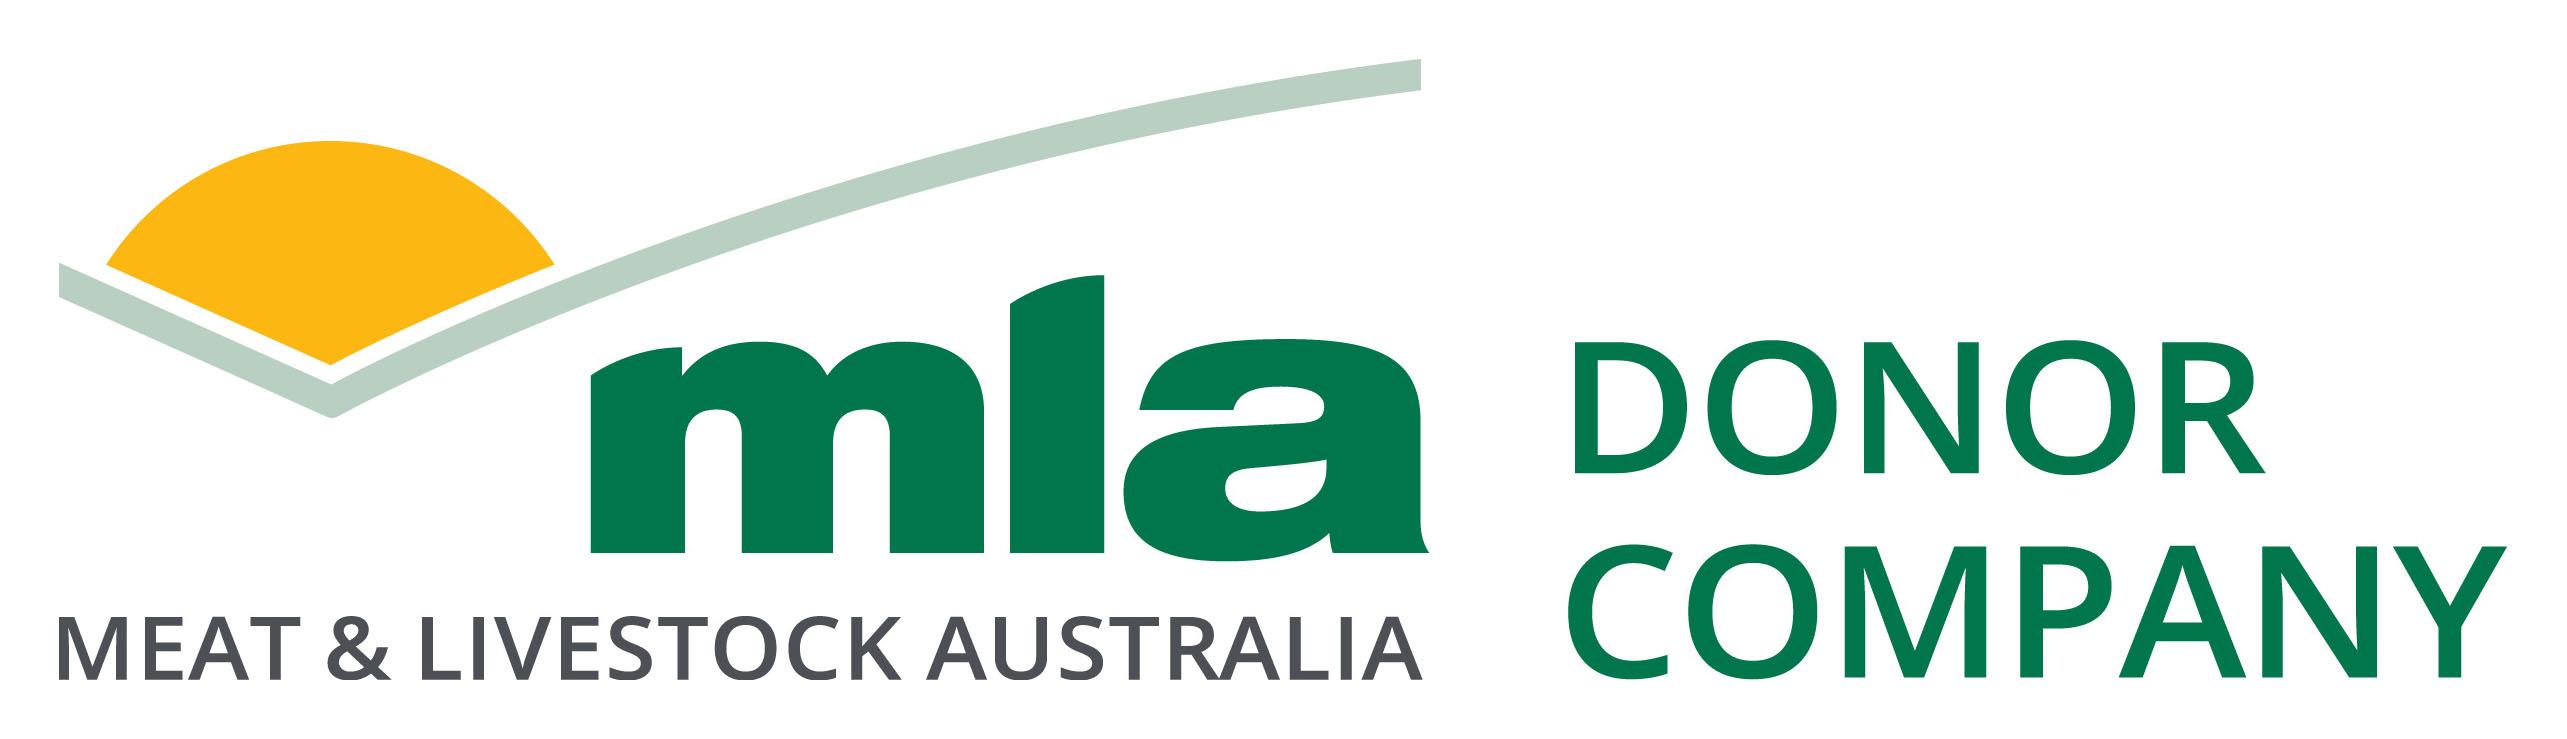 MLA Donor Company logo